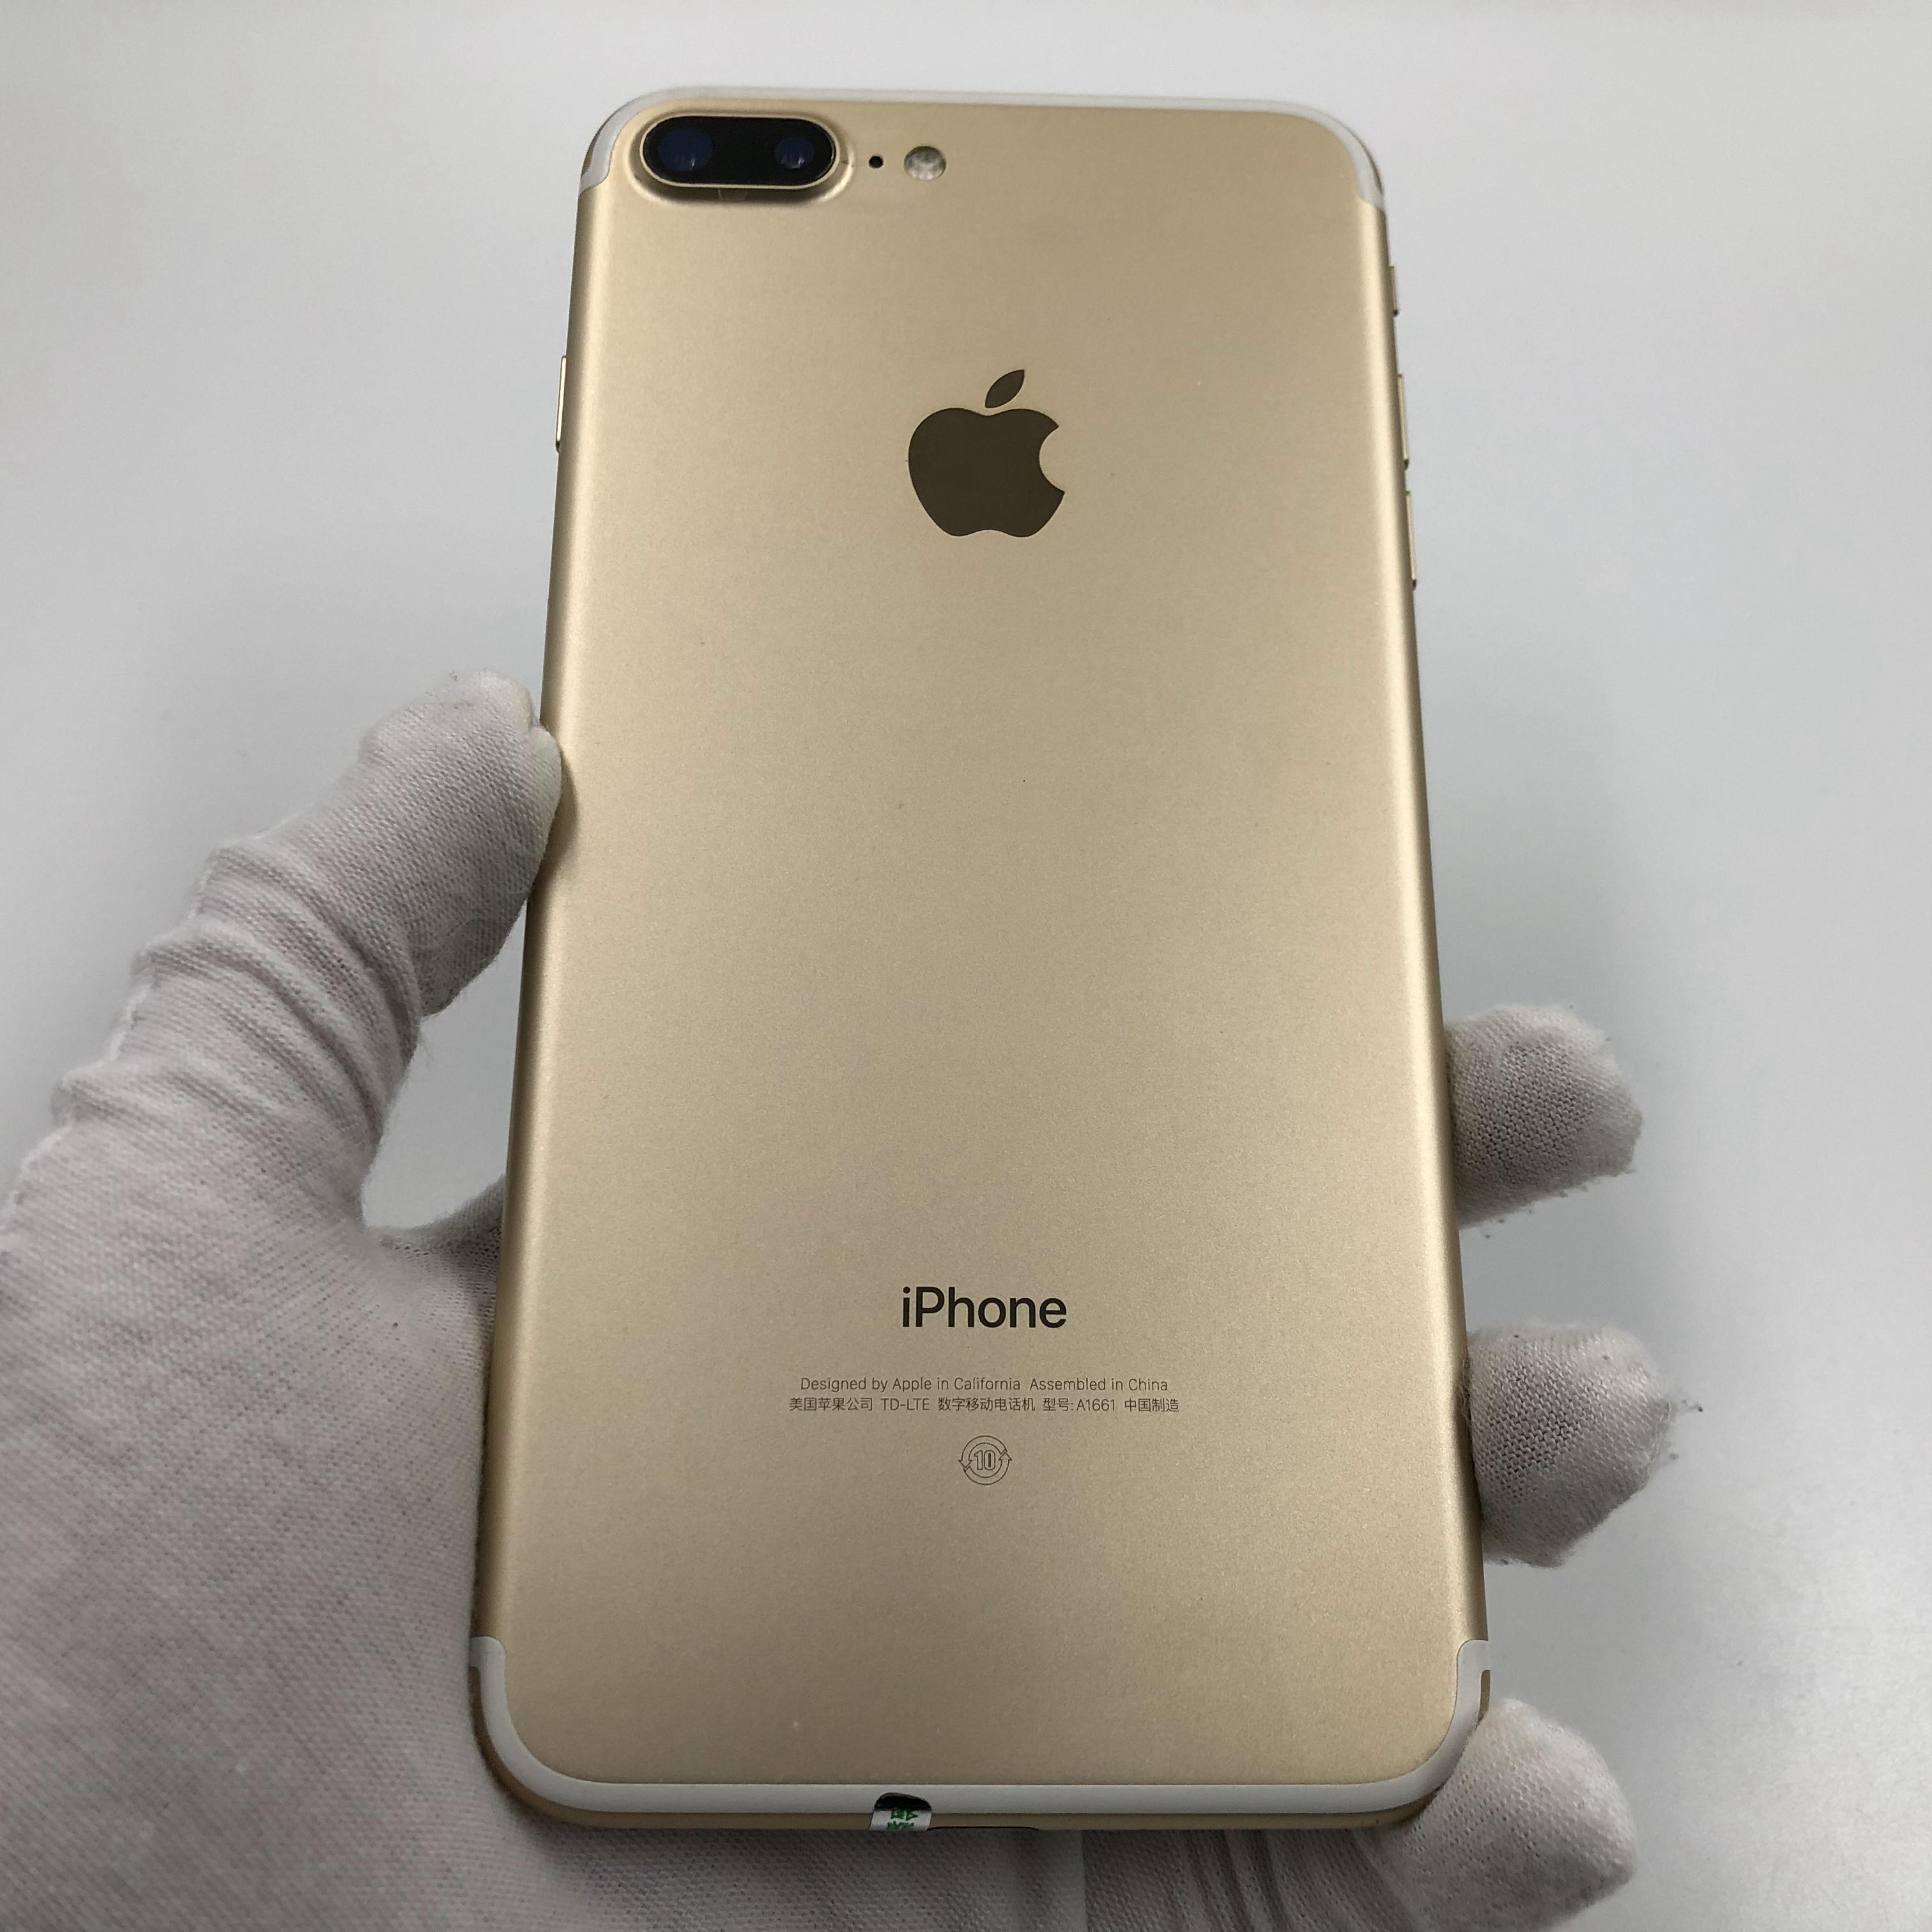 苹果【iPhone 7 Plus】4G全网通 金色 32G 国行 9成新 真机实拍